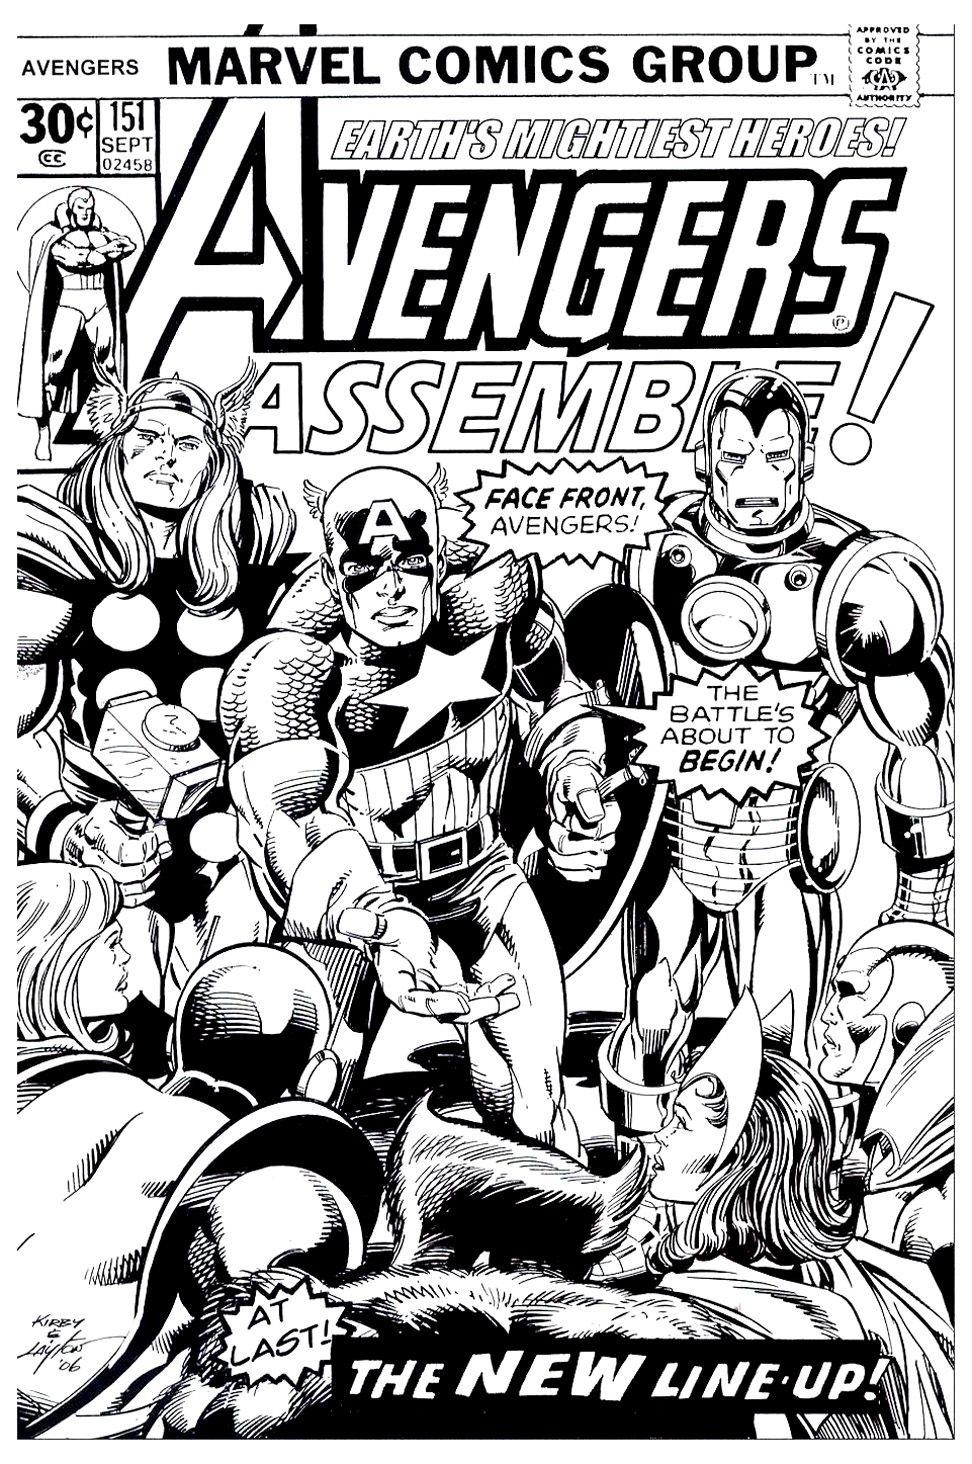 Pour Imprimer Ce Coloriage Gratuit Coloriage Adulte Avengers